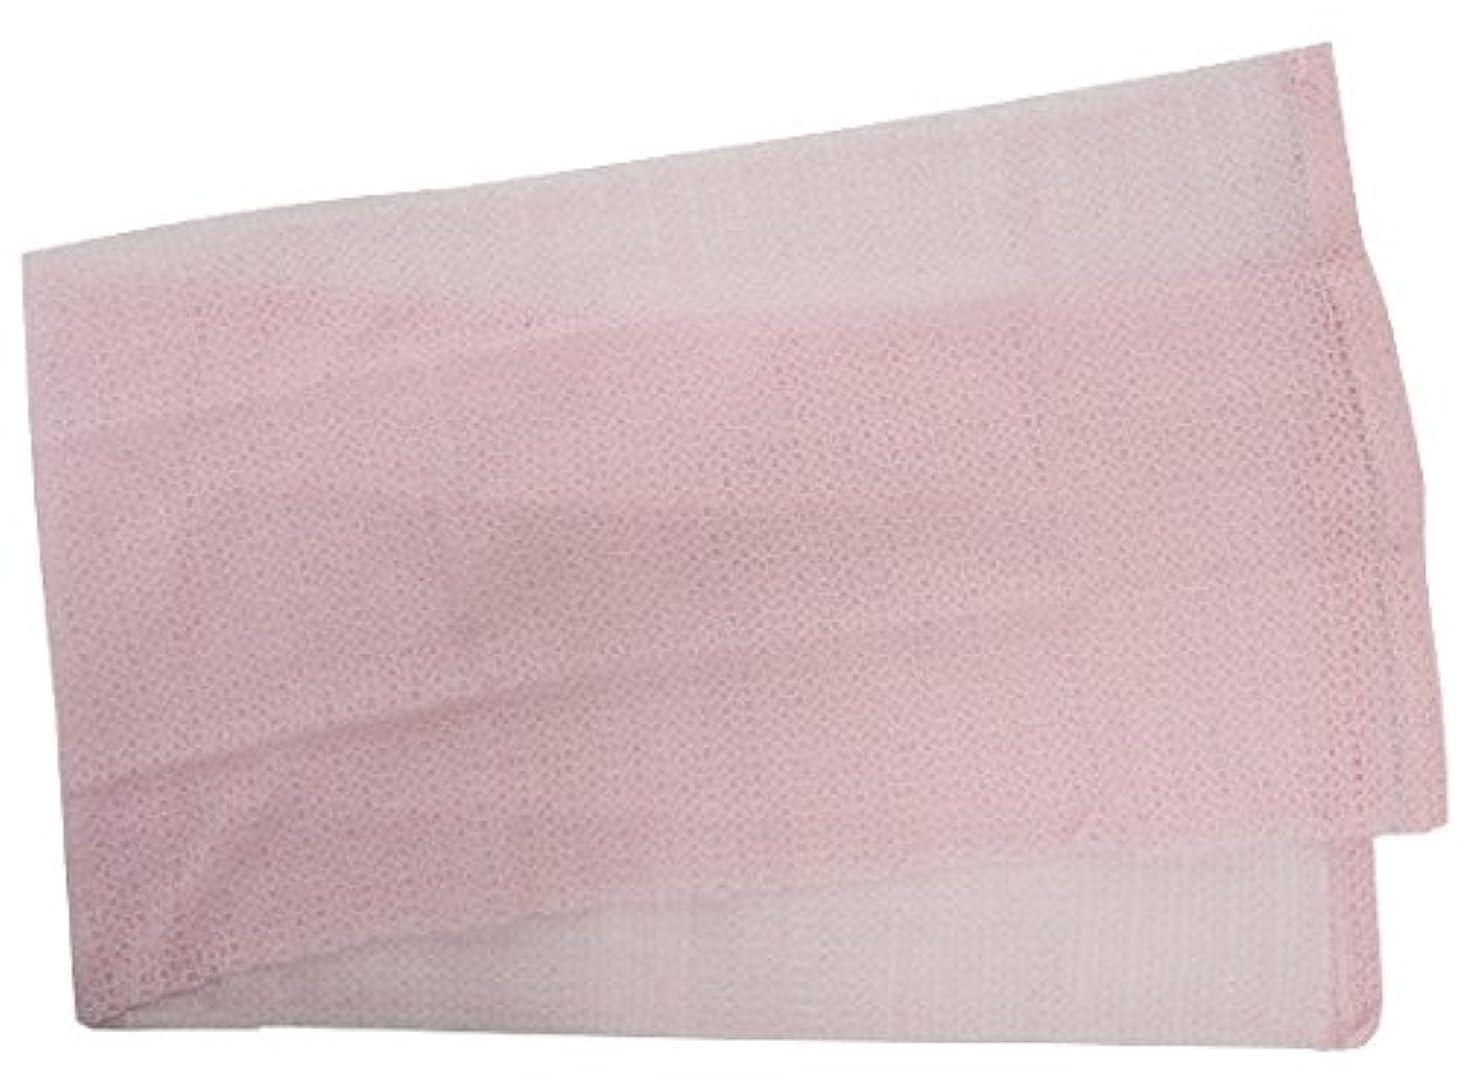 湿った扱いやすい政治家小久保 『メレンゲのような泡立ちとソフトな肌ざわり』 モコモコボディタオル ピンク 24×100cm 2277